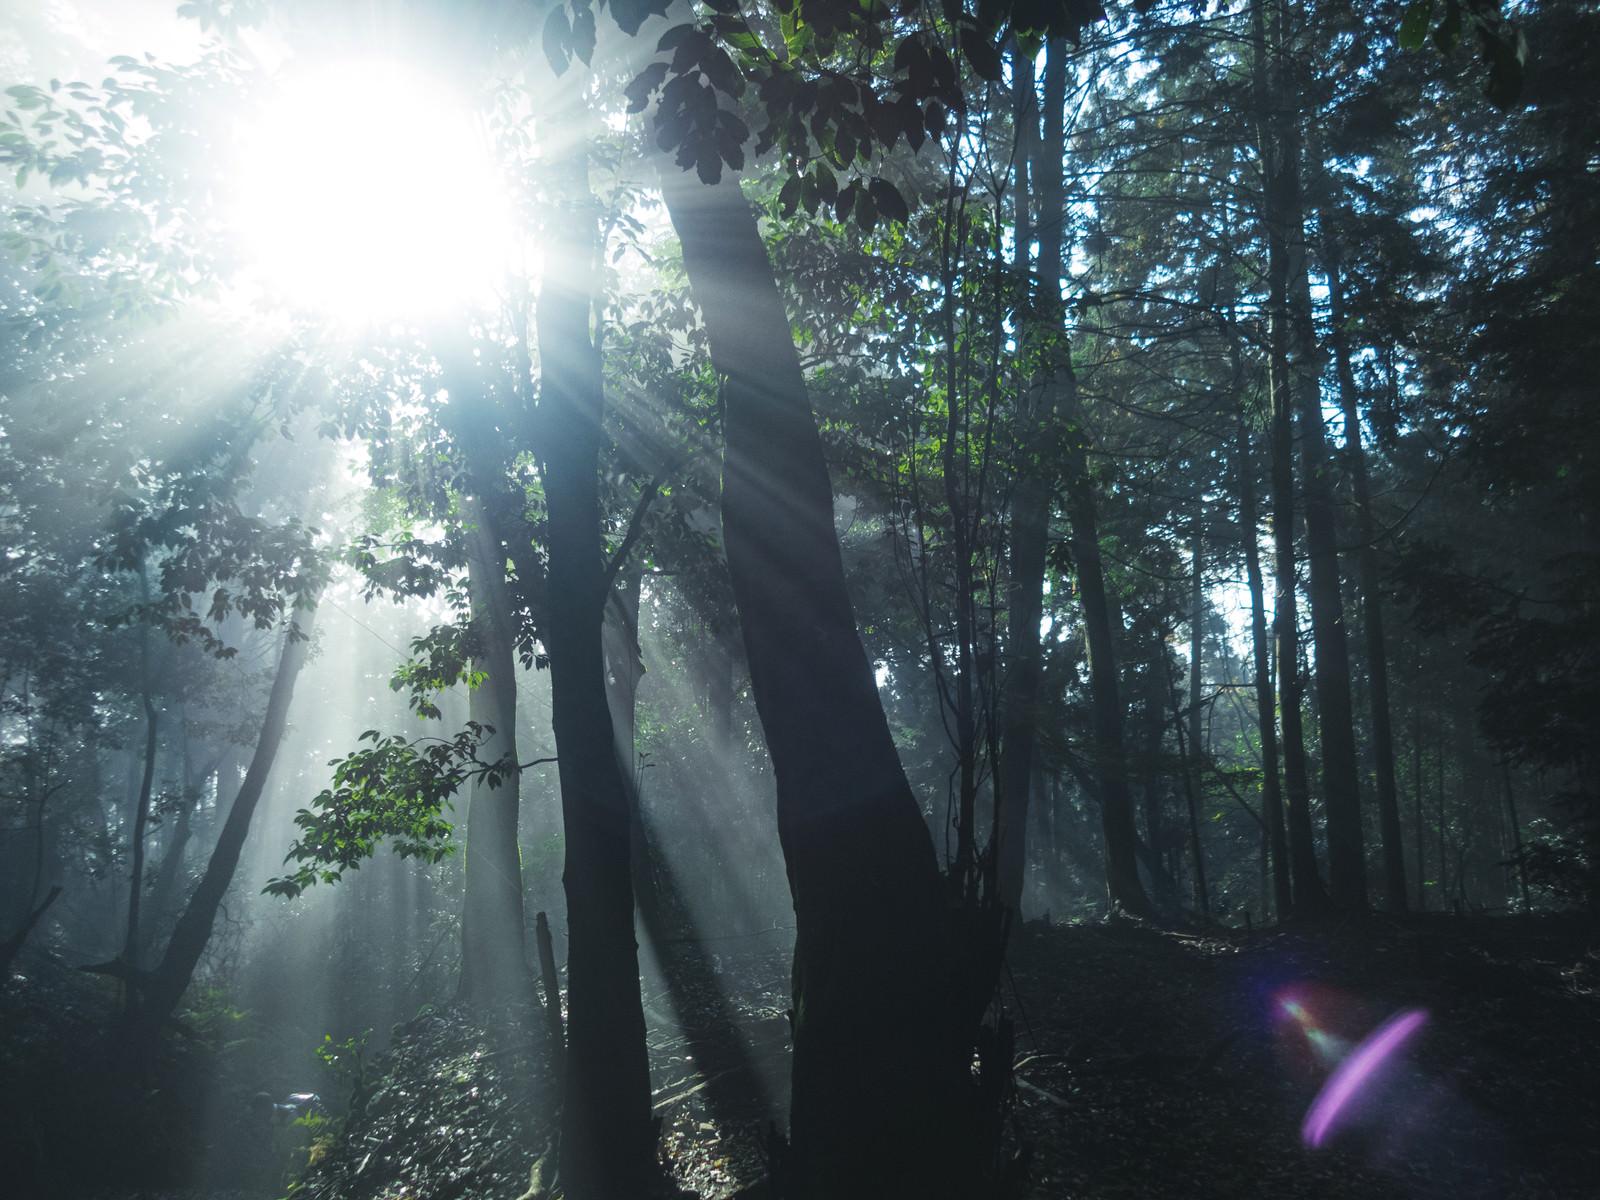 「森林に差し込む光芒」の写真